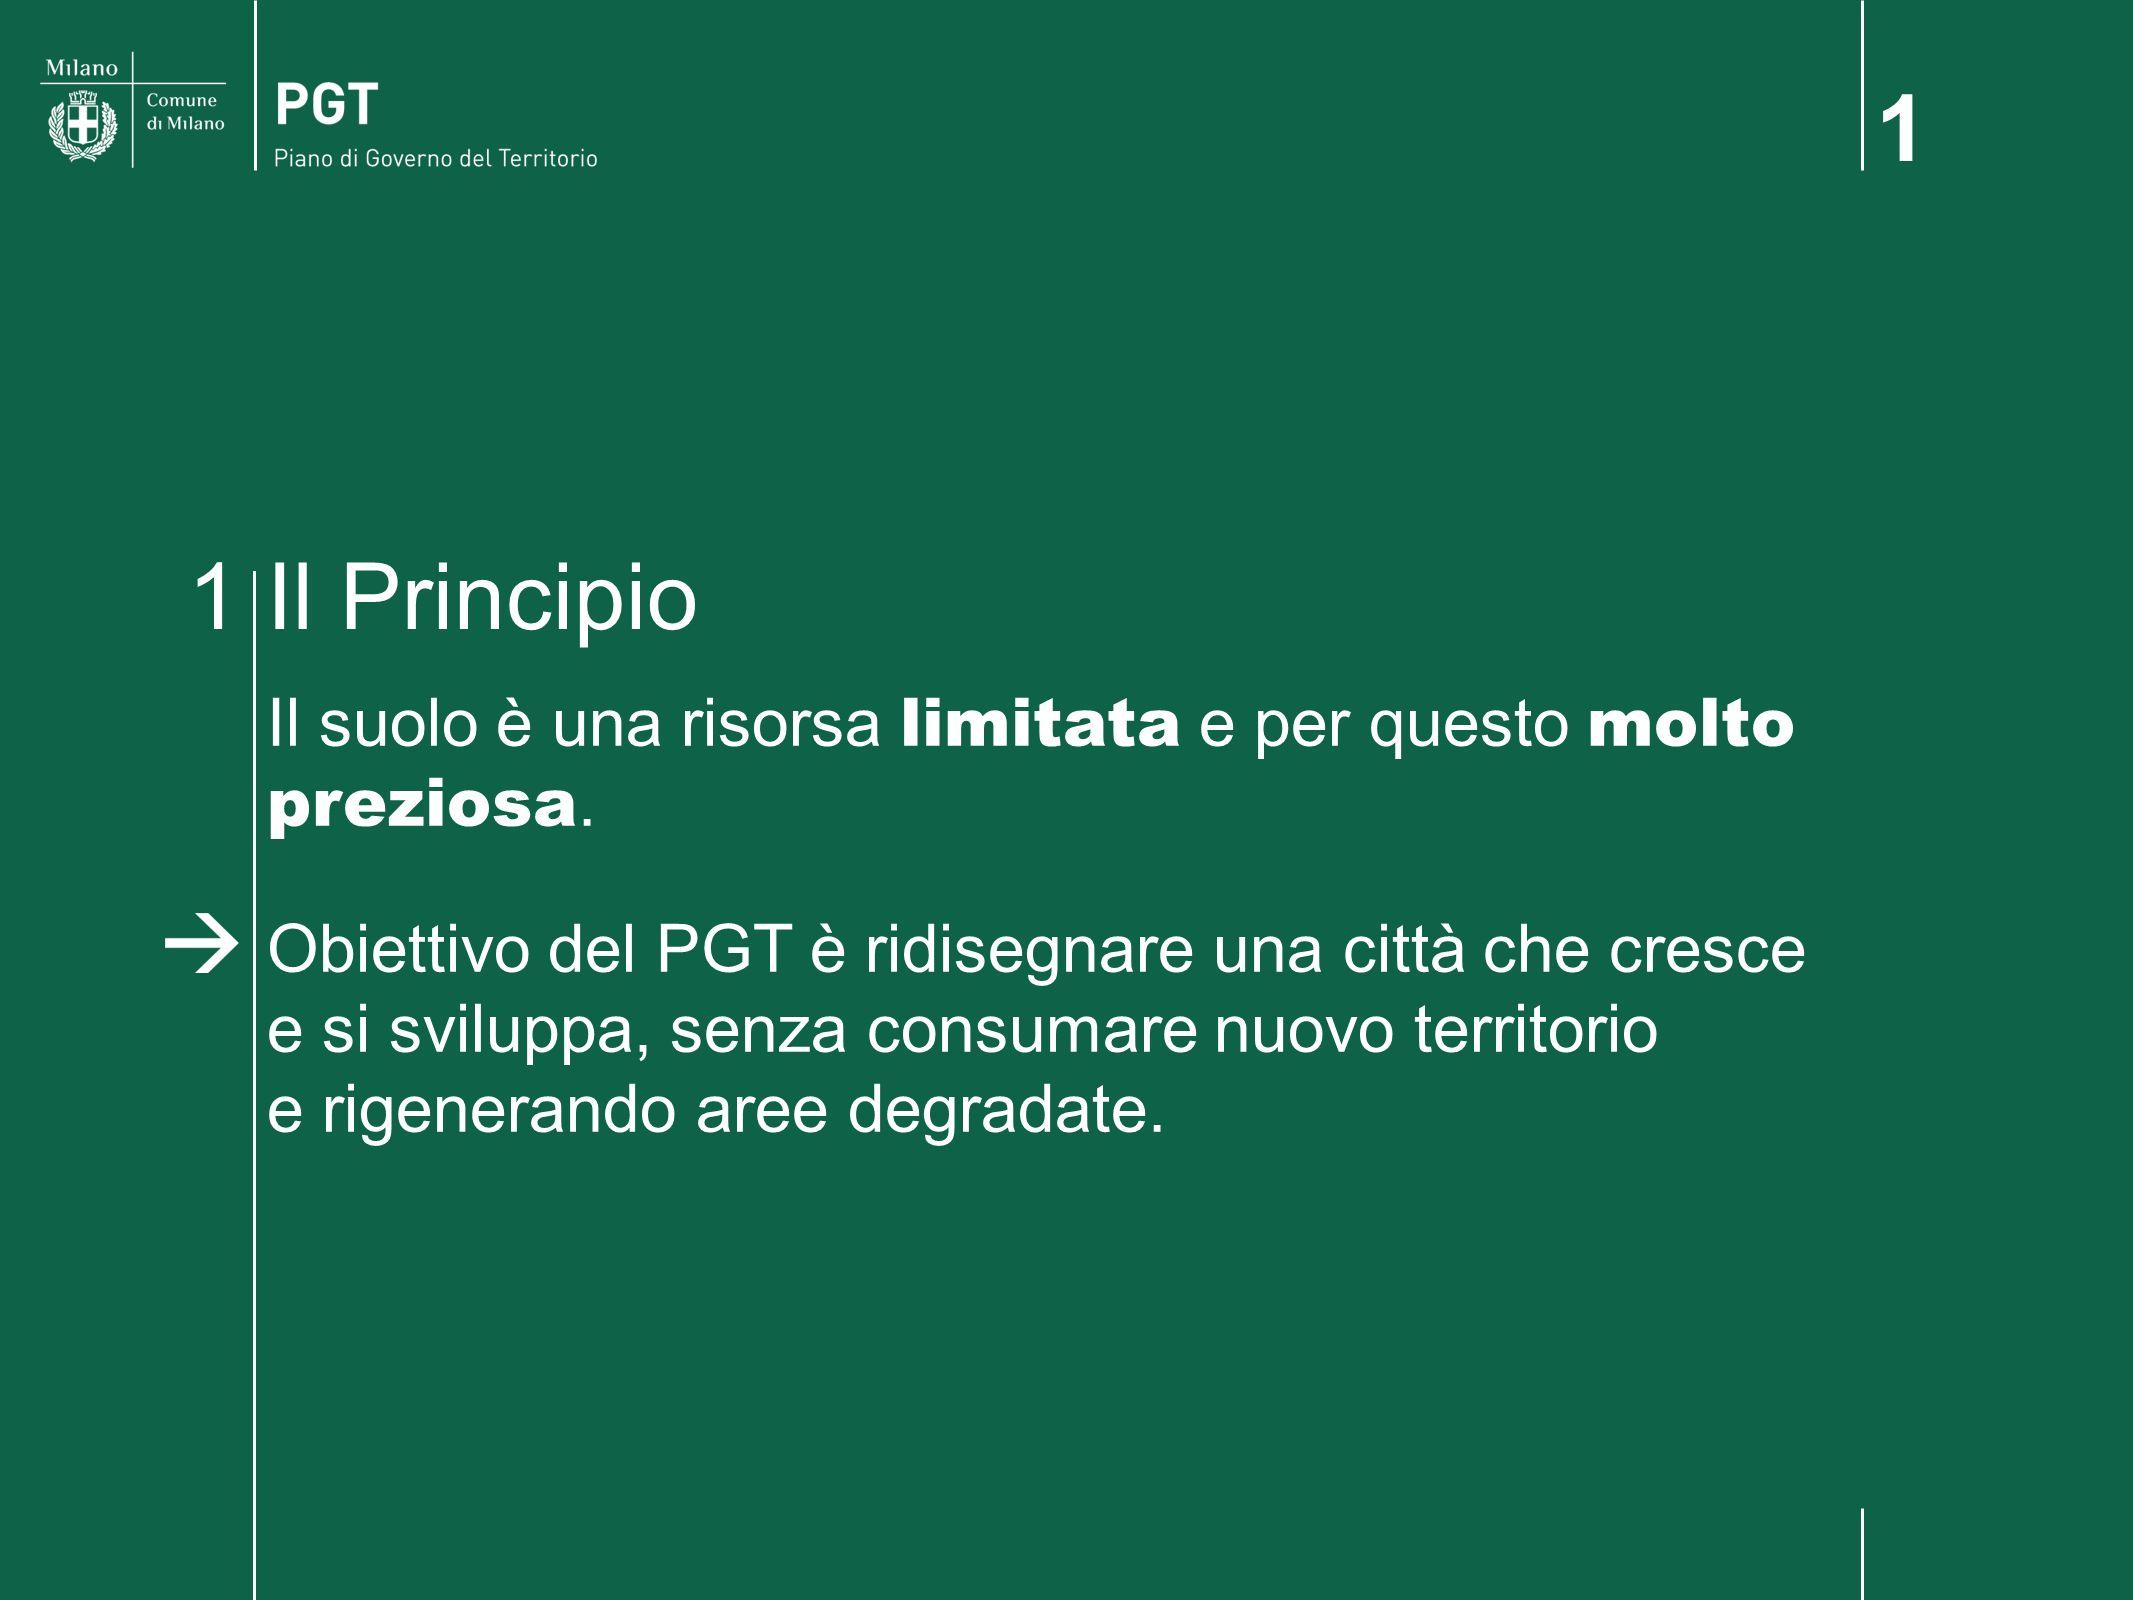 1 Il Principio1 Il suolo è una risorsa limitata e per questo molto preziosa. Obiettivo del PGT è ridisegnare una città che cresce e si sviluppa, senza